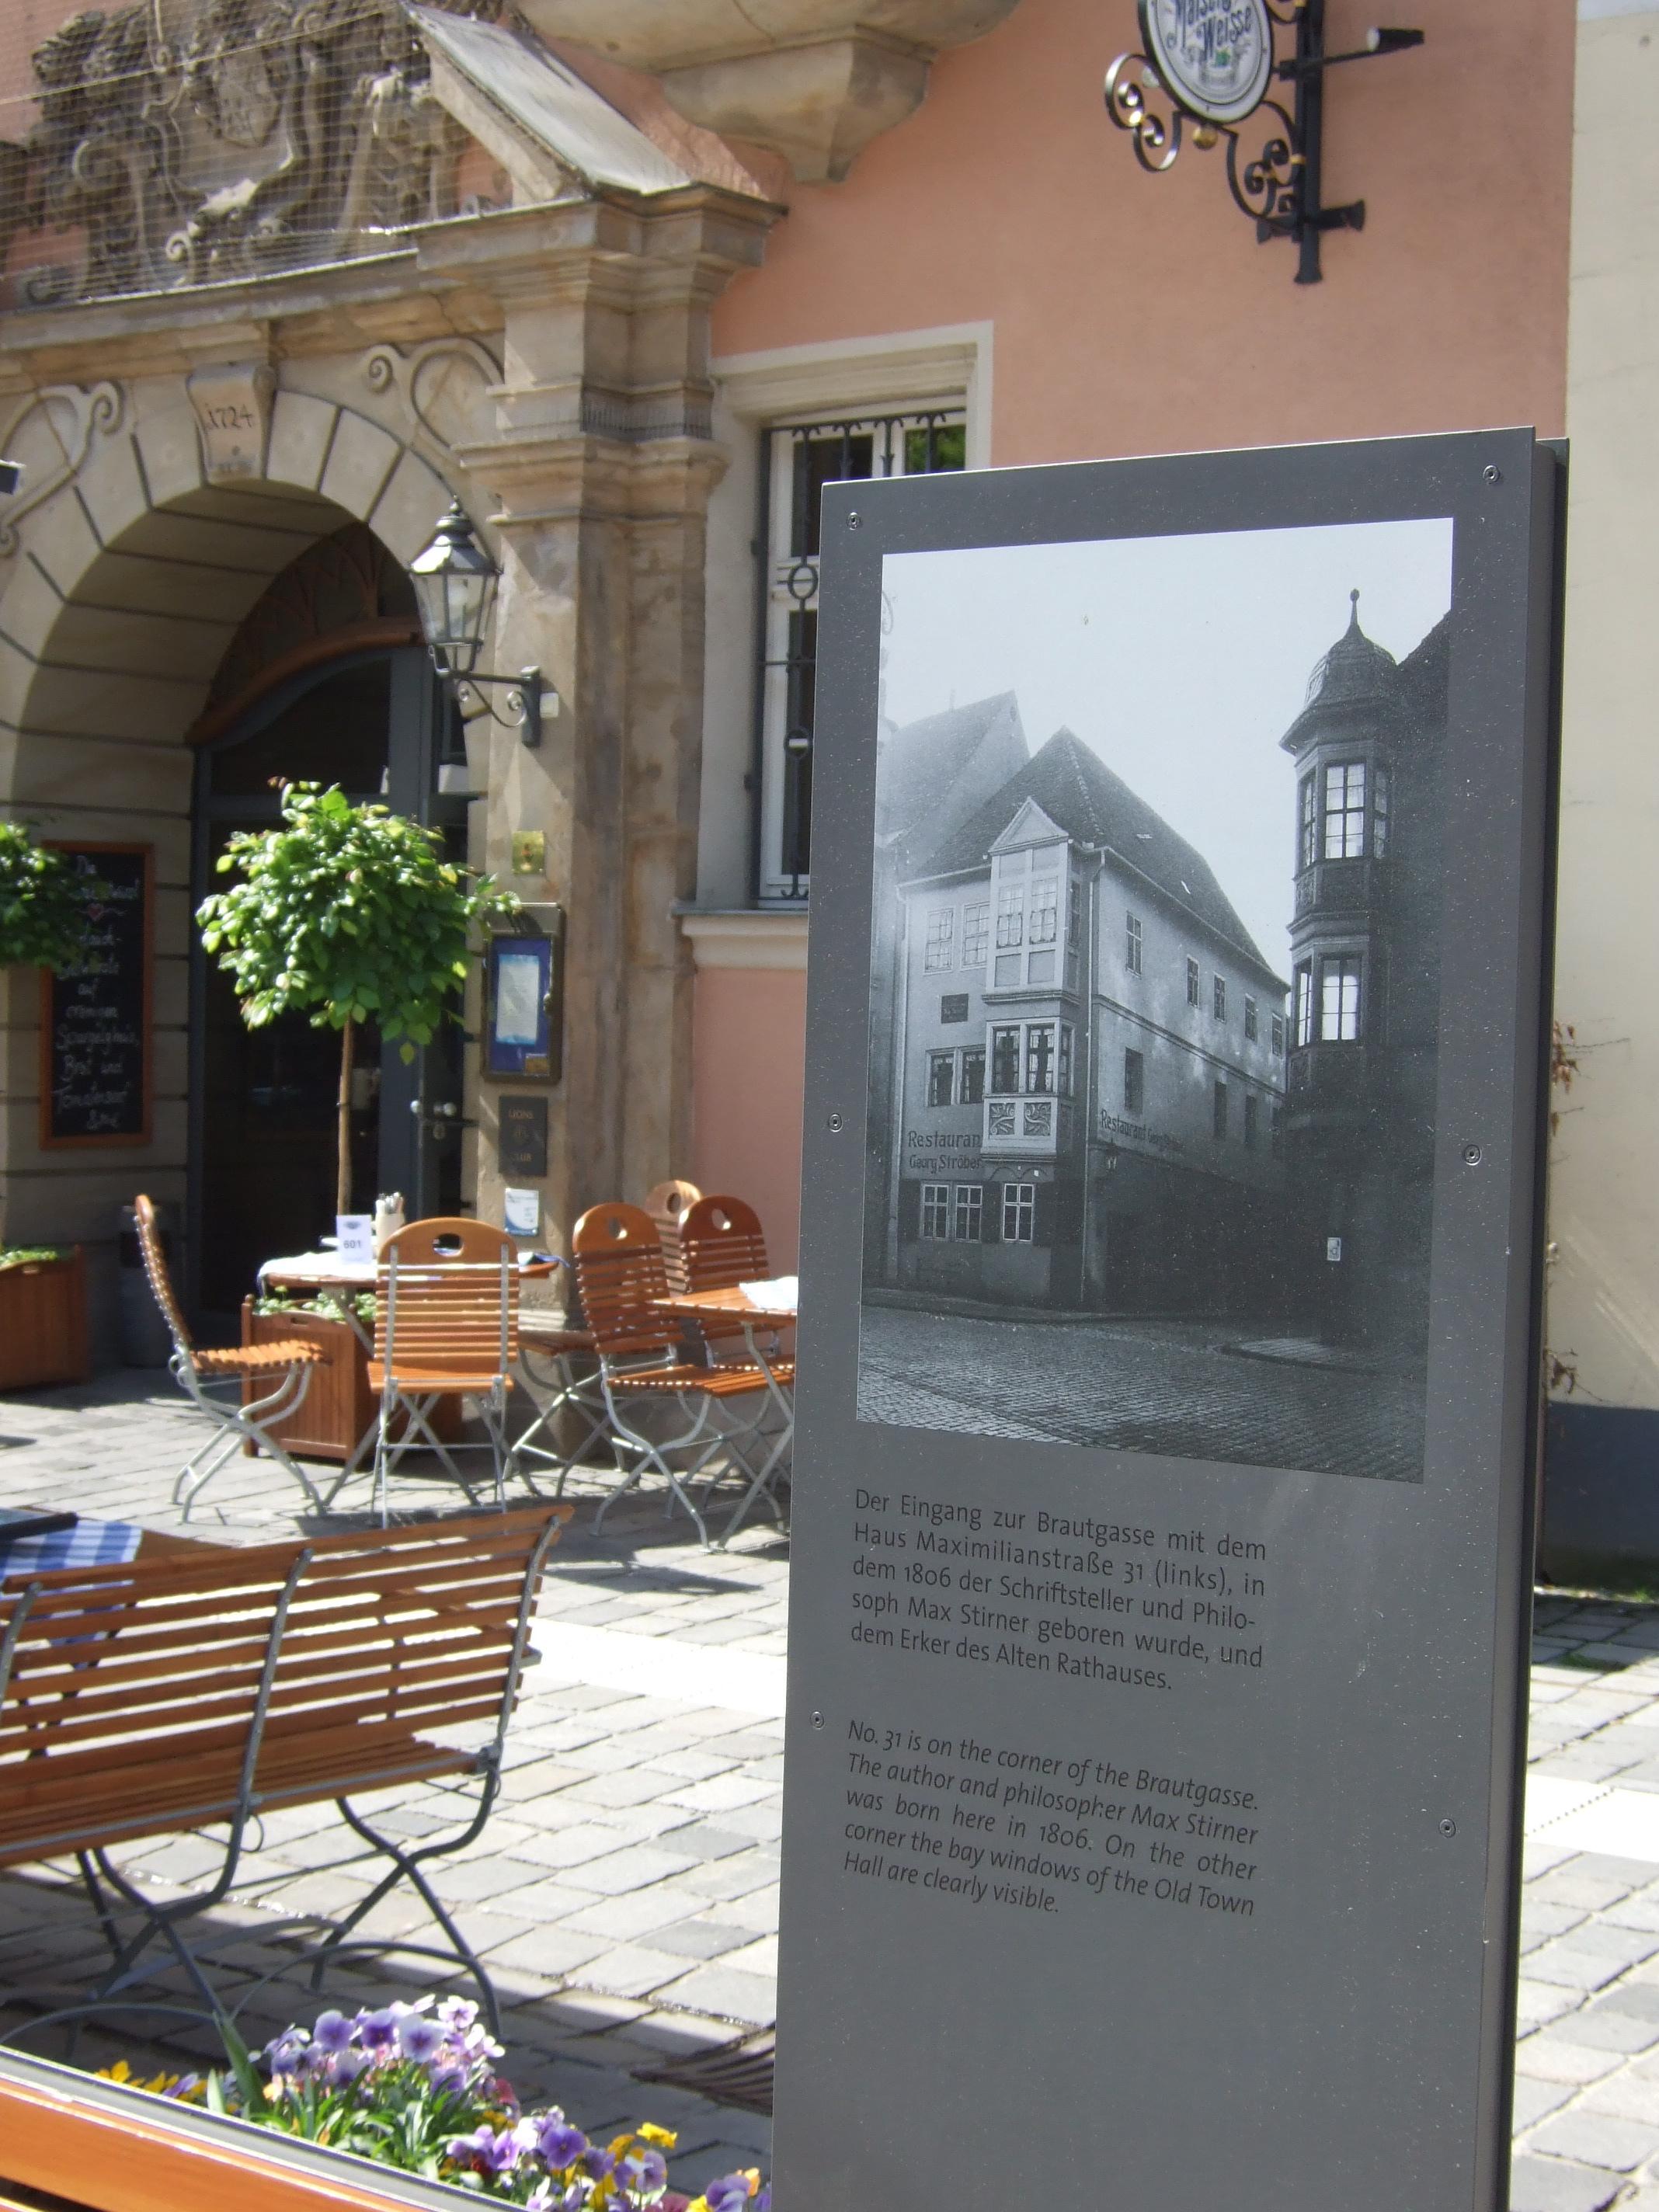 Attractive File:Infostele Stirnerhaus Bayreuth.JPG